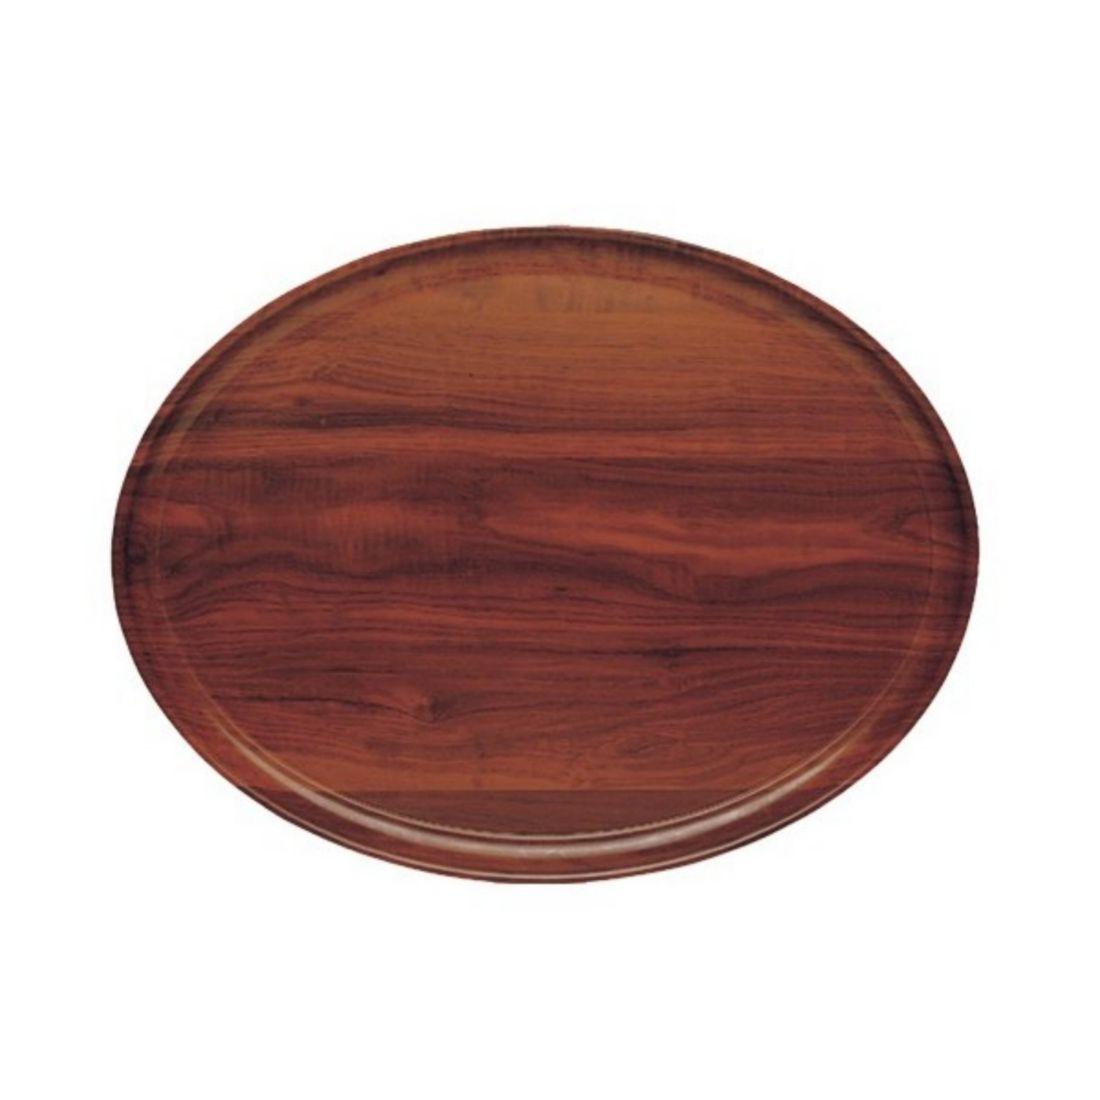 Podnos Capri oválný - ořech 21 x 29 cm